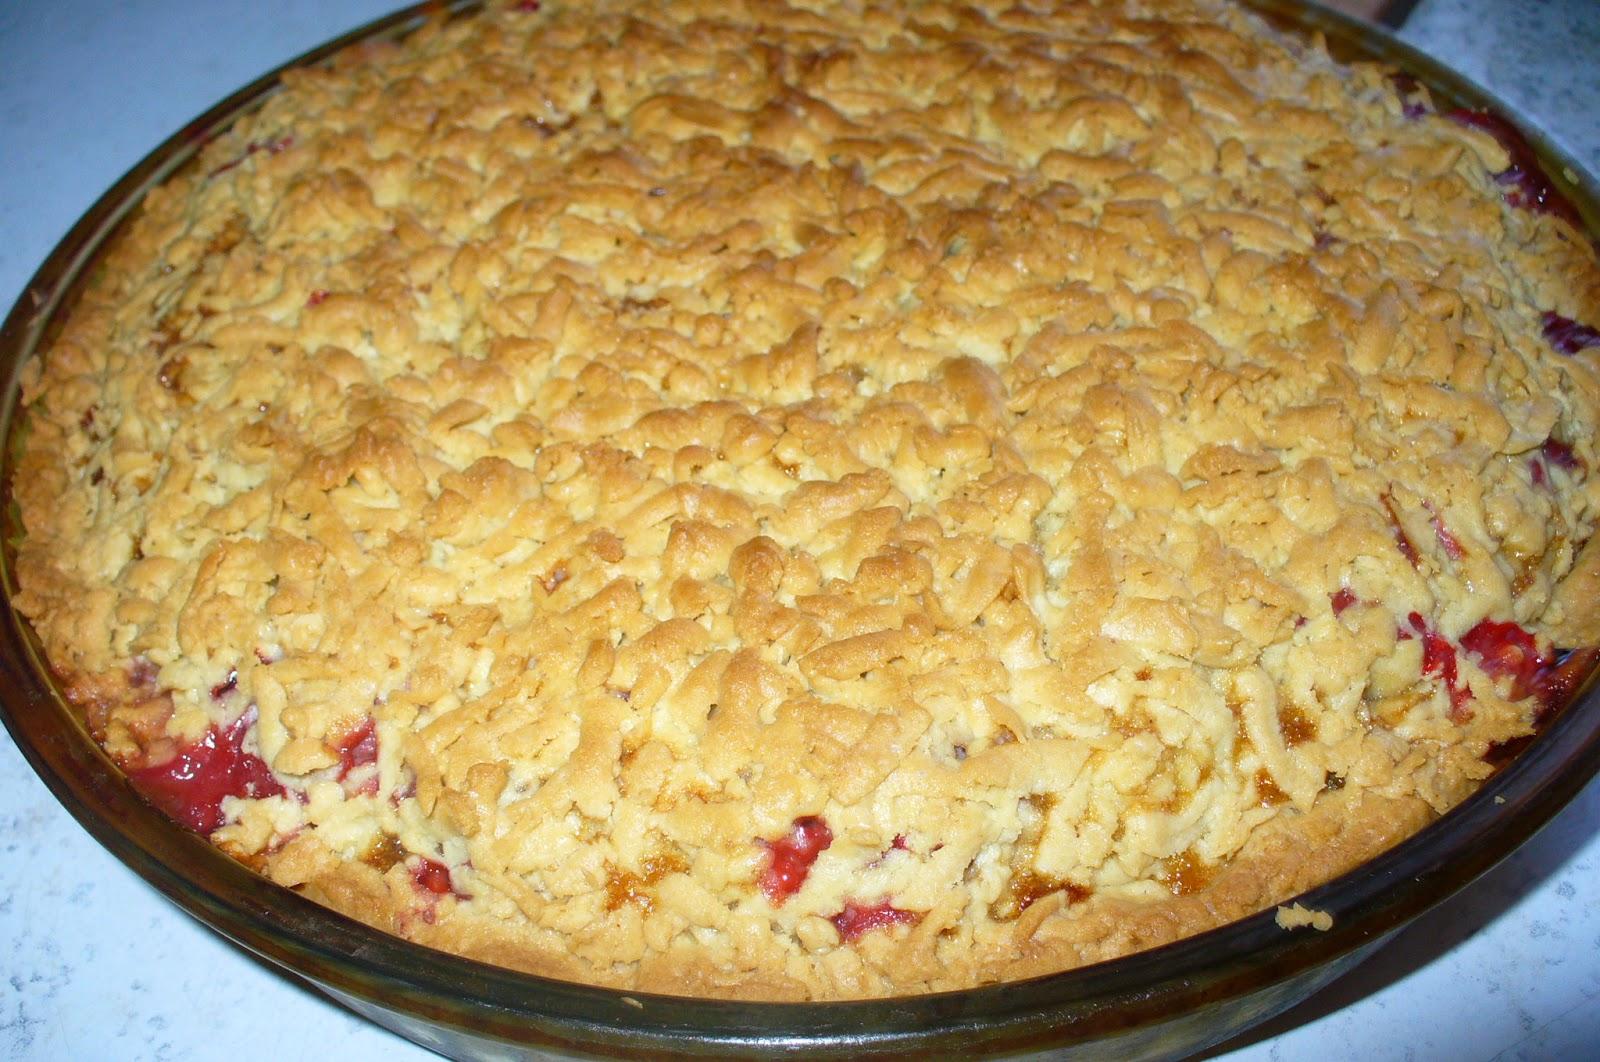 песочный пирог с ягодой клубникой